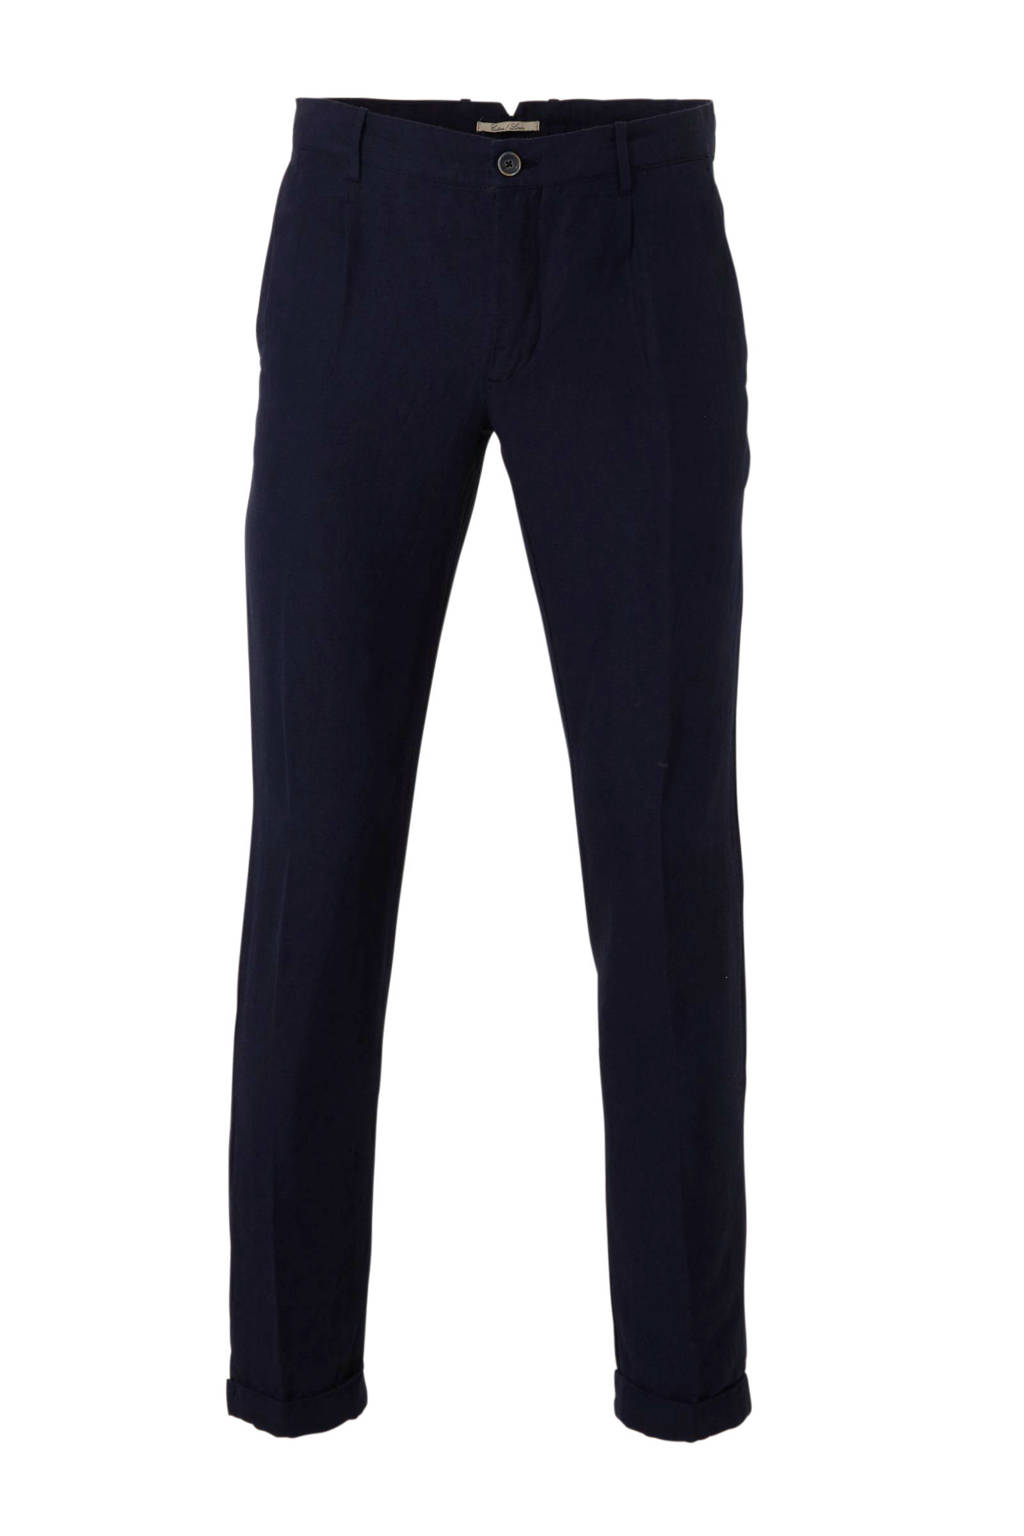 Mango Man regular fit chino met linnen donkerblauw, Donkerblauw